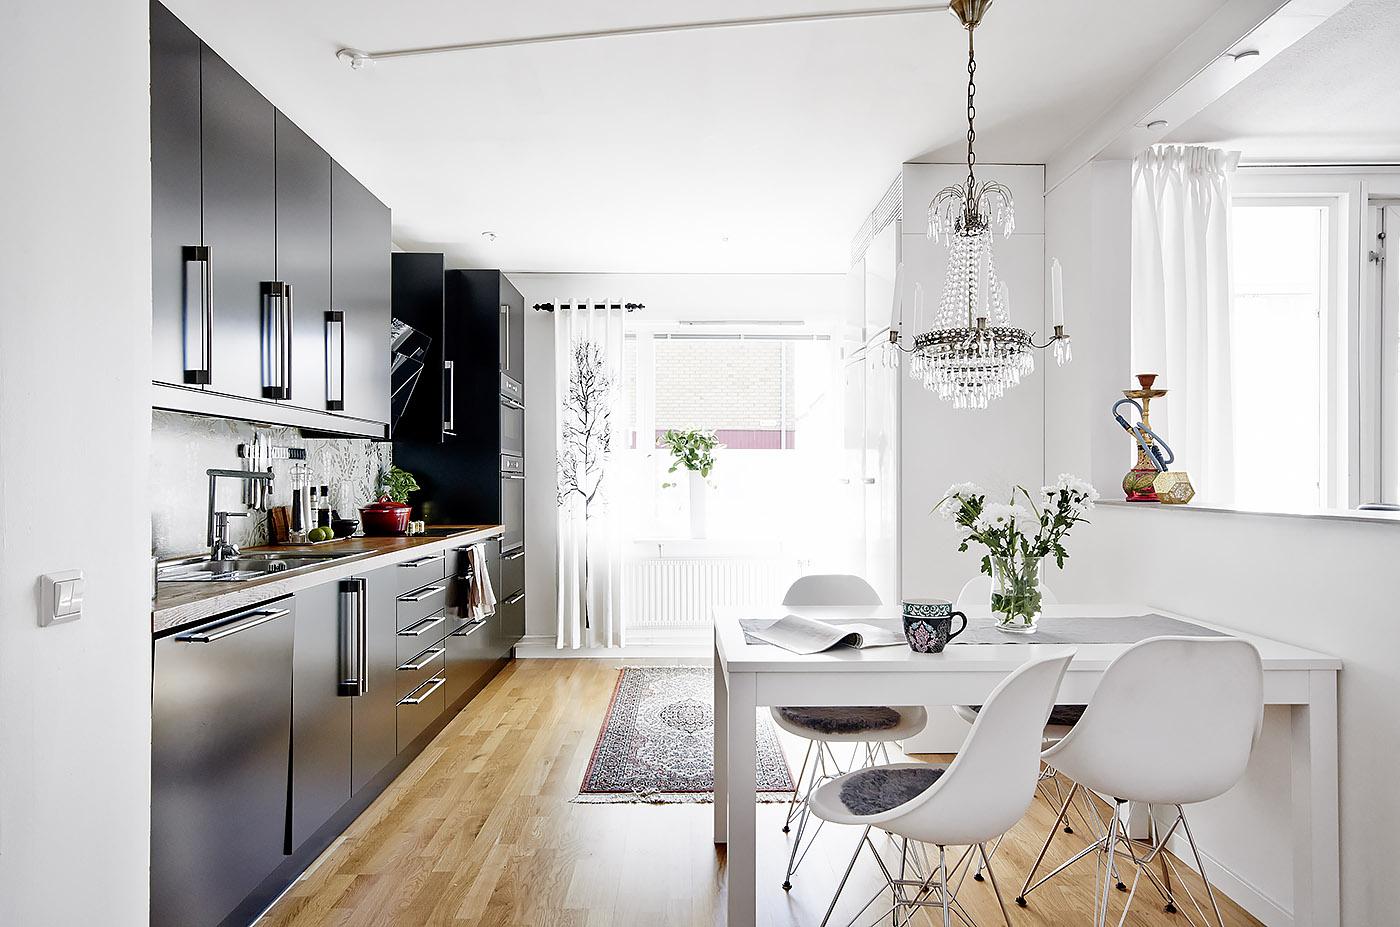 Cocinas negras delikatissen blog tienda decoraci n - Muebles diseno nordico ...